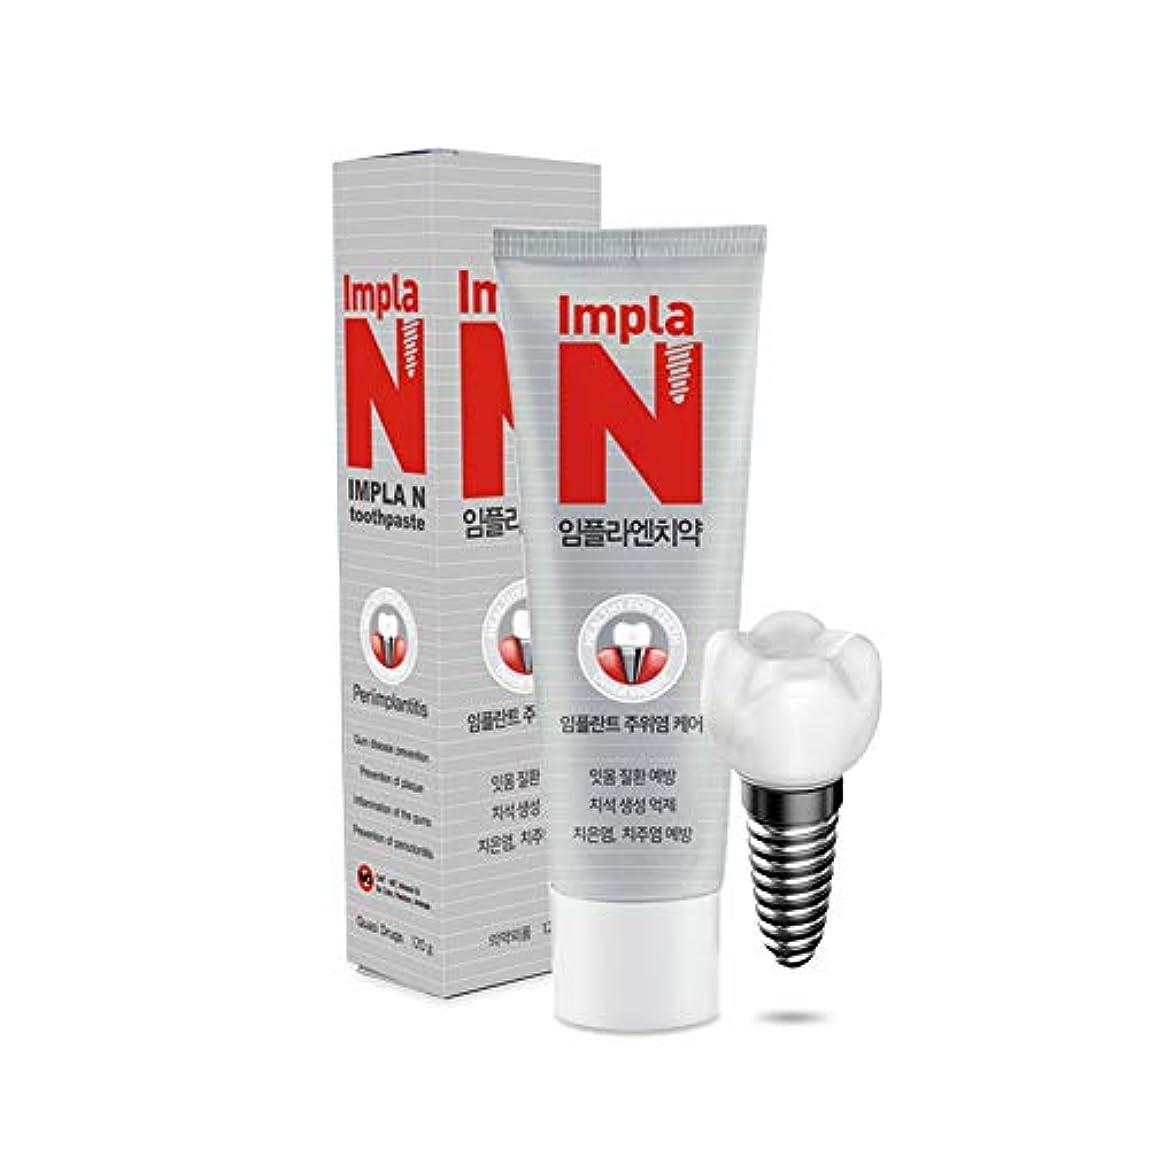 宙返り罪冊子【TRIPLE KOREA】インプラント専用歯磨きペースト implaN 歯磨き粉 歯磨きジェル 歯磨き剤